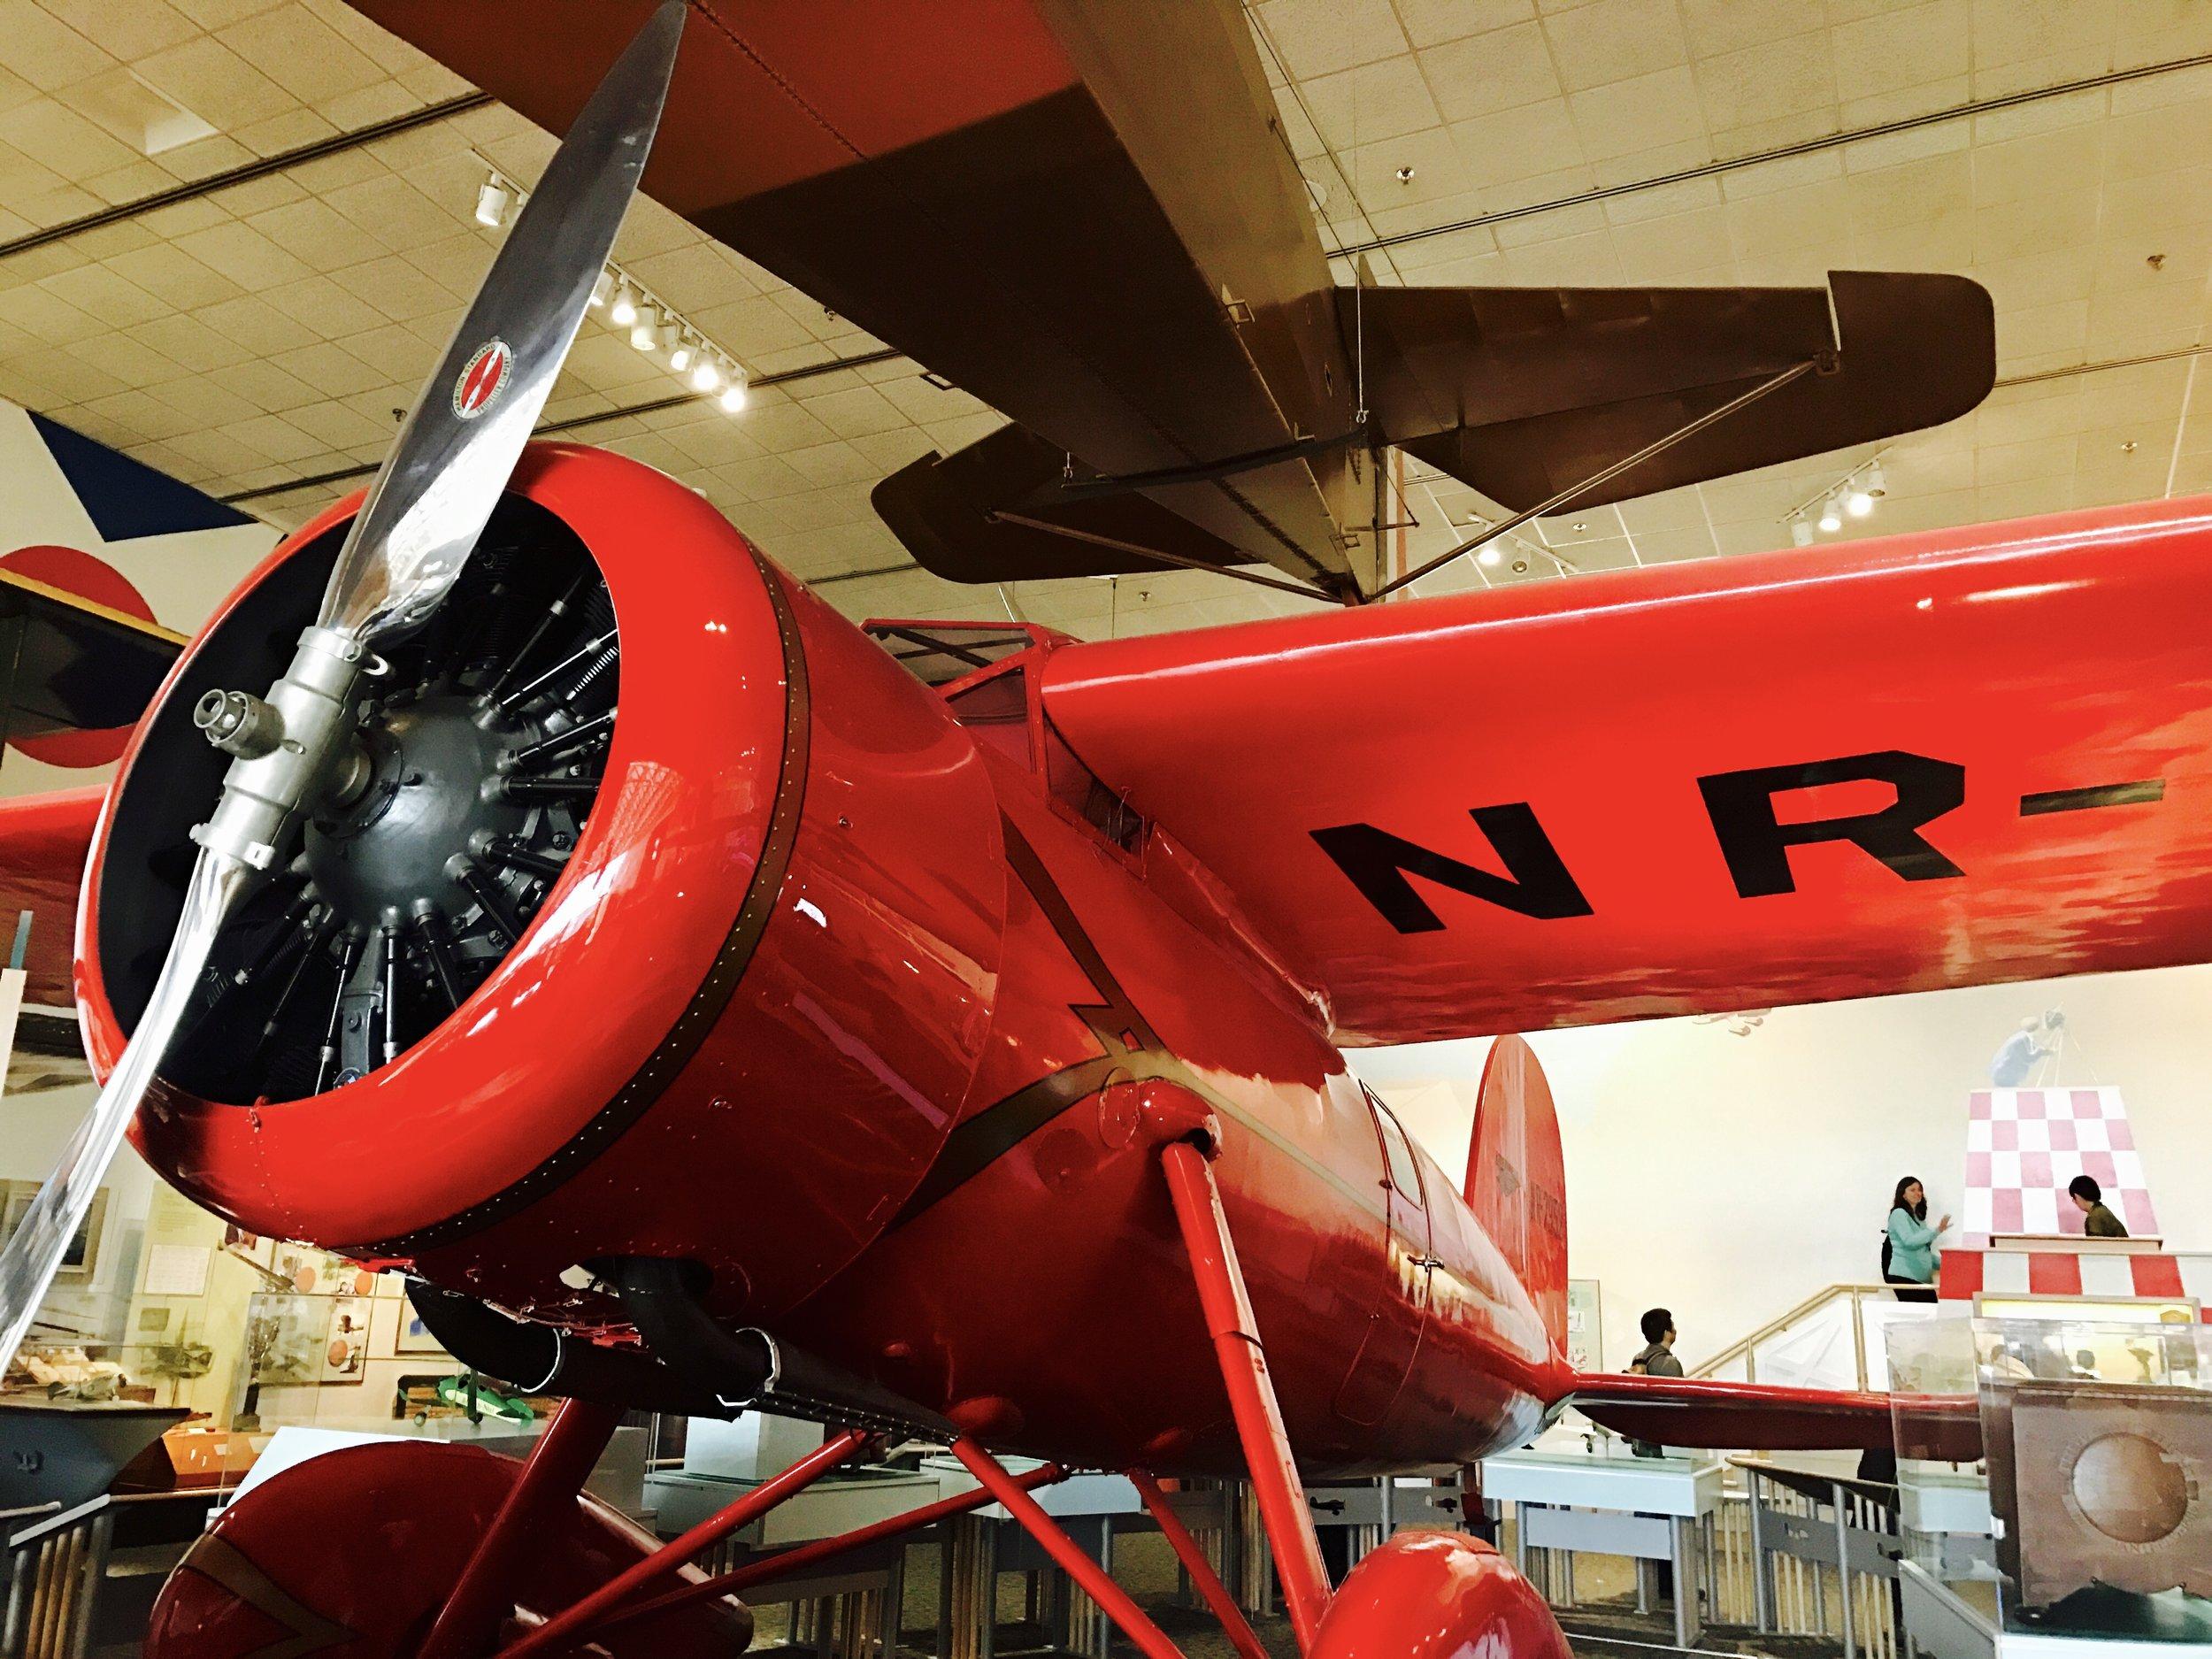 Amelia Earhart's Lockheed Vega.